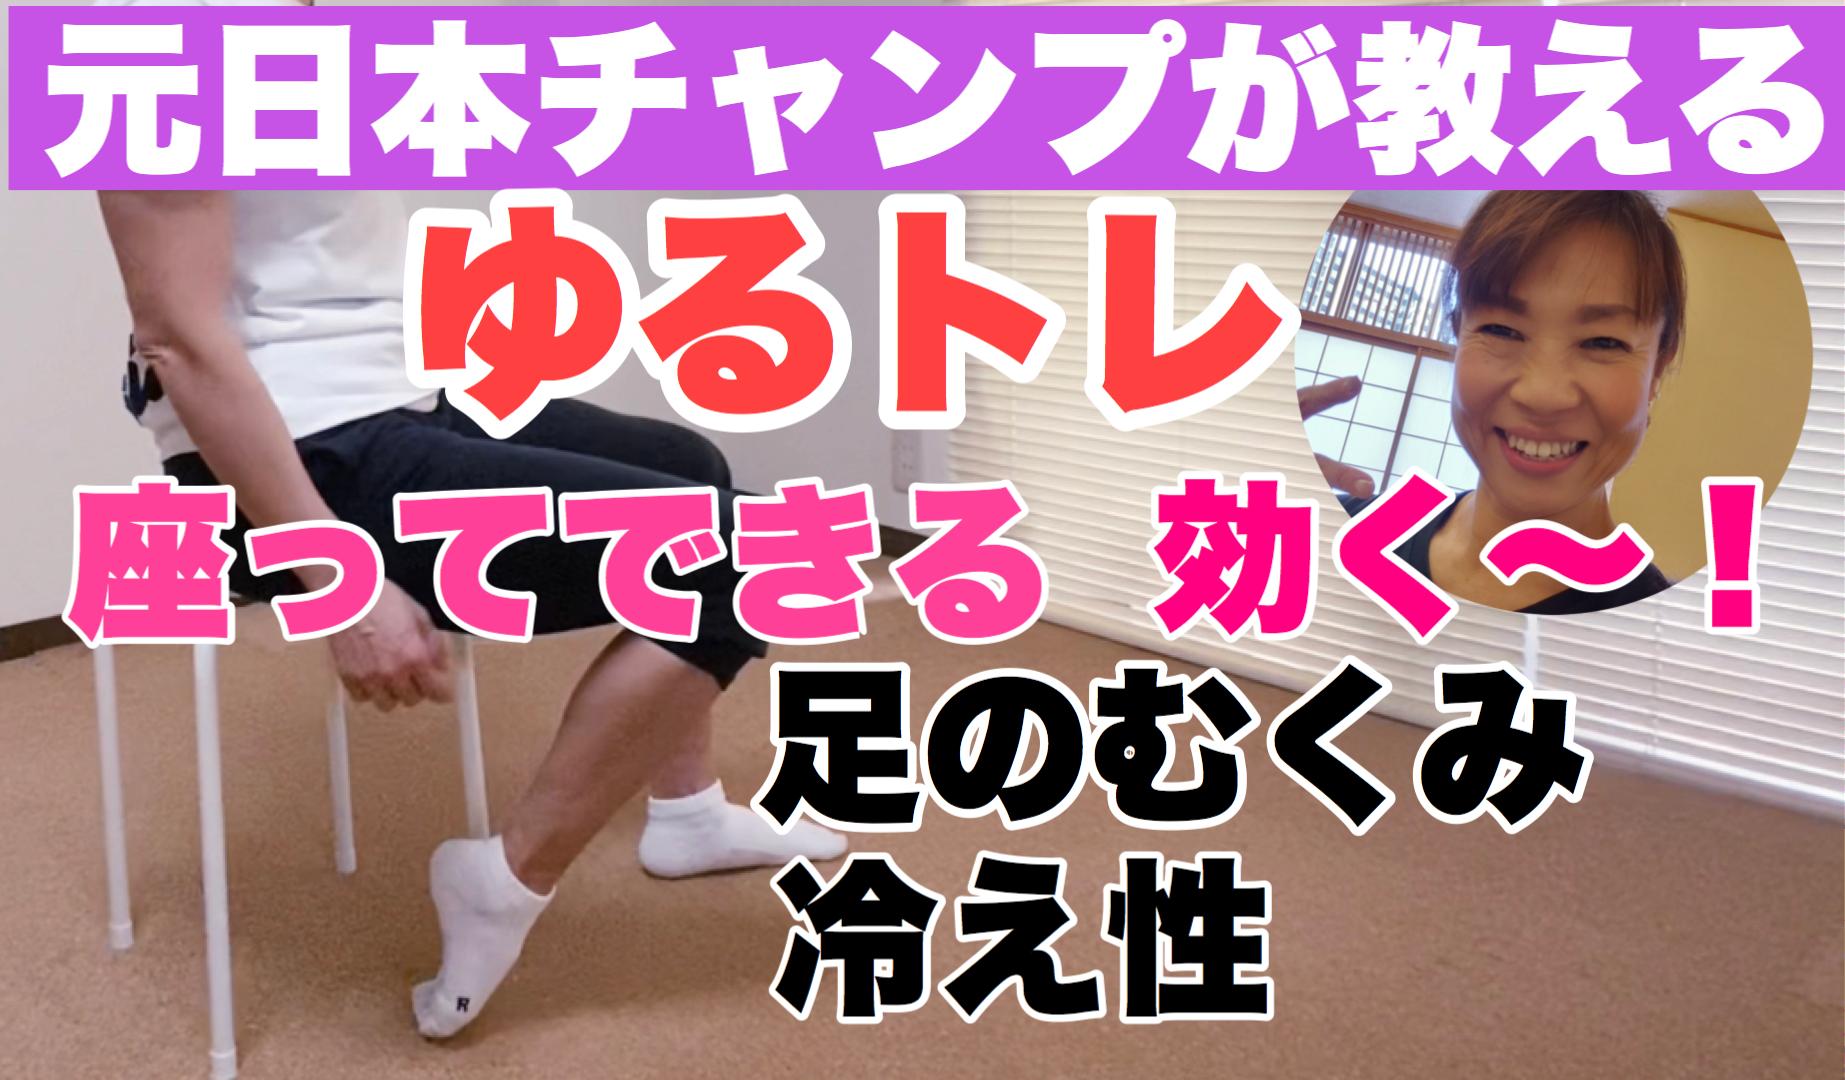 【ゆるトレ】足のむくみ、外反母趾などのトラブルを解消